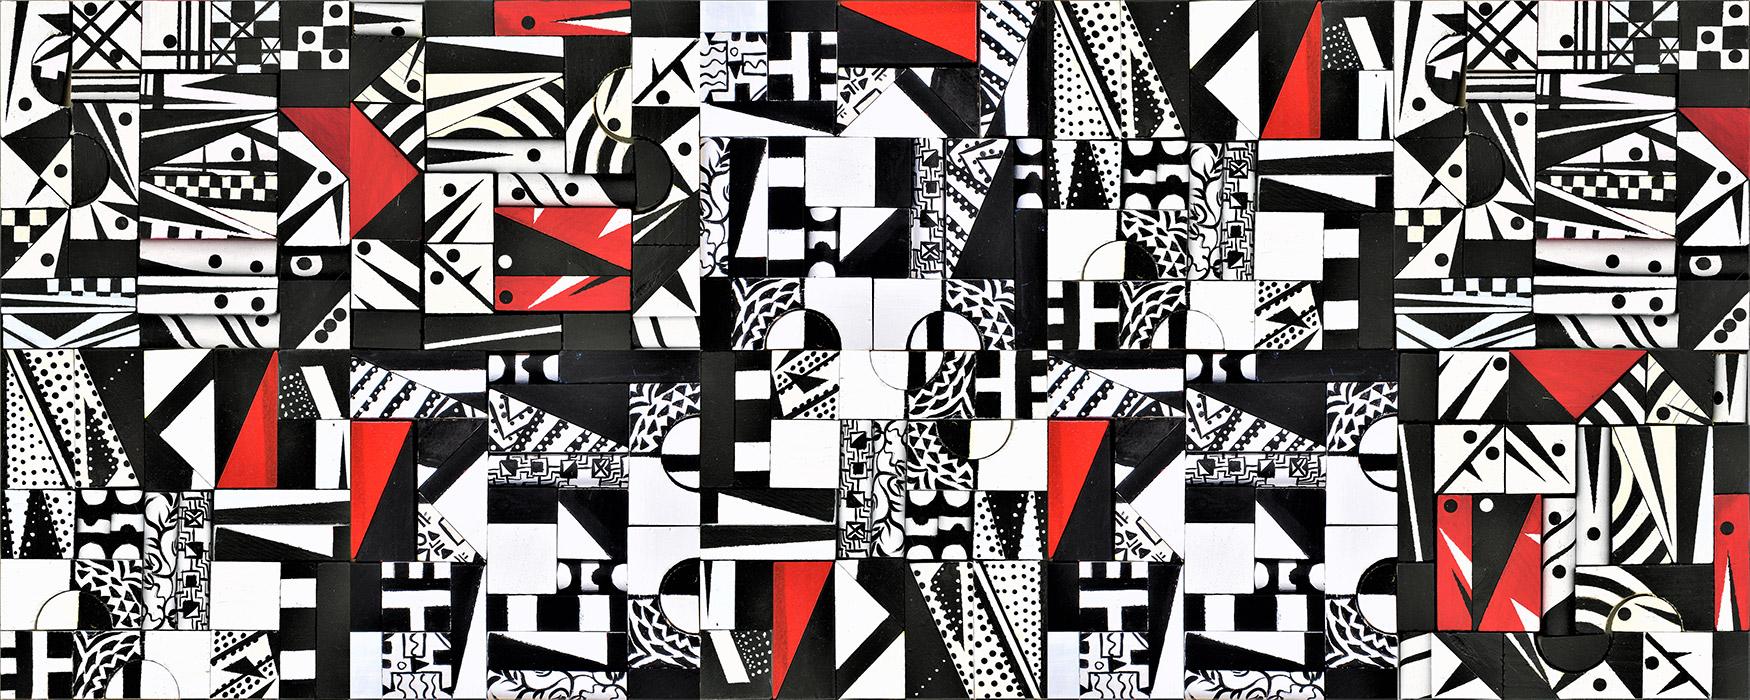 Scatole Creative pannello bianco e nero 70x28